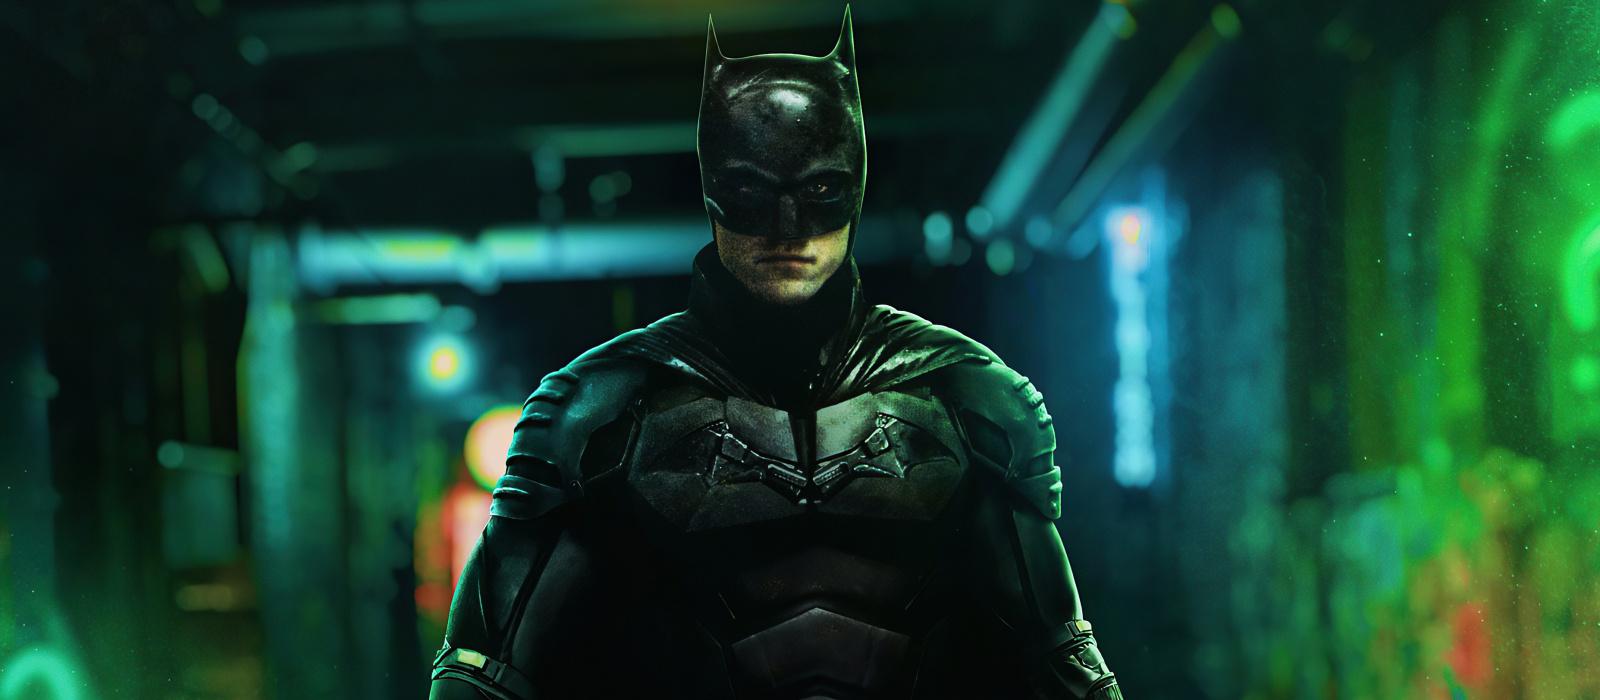 Neue Batman Catwoman Pattinson Bilder auf DC FanDome enthüllt